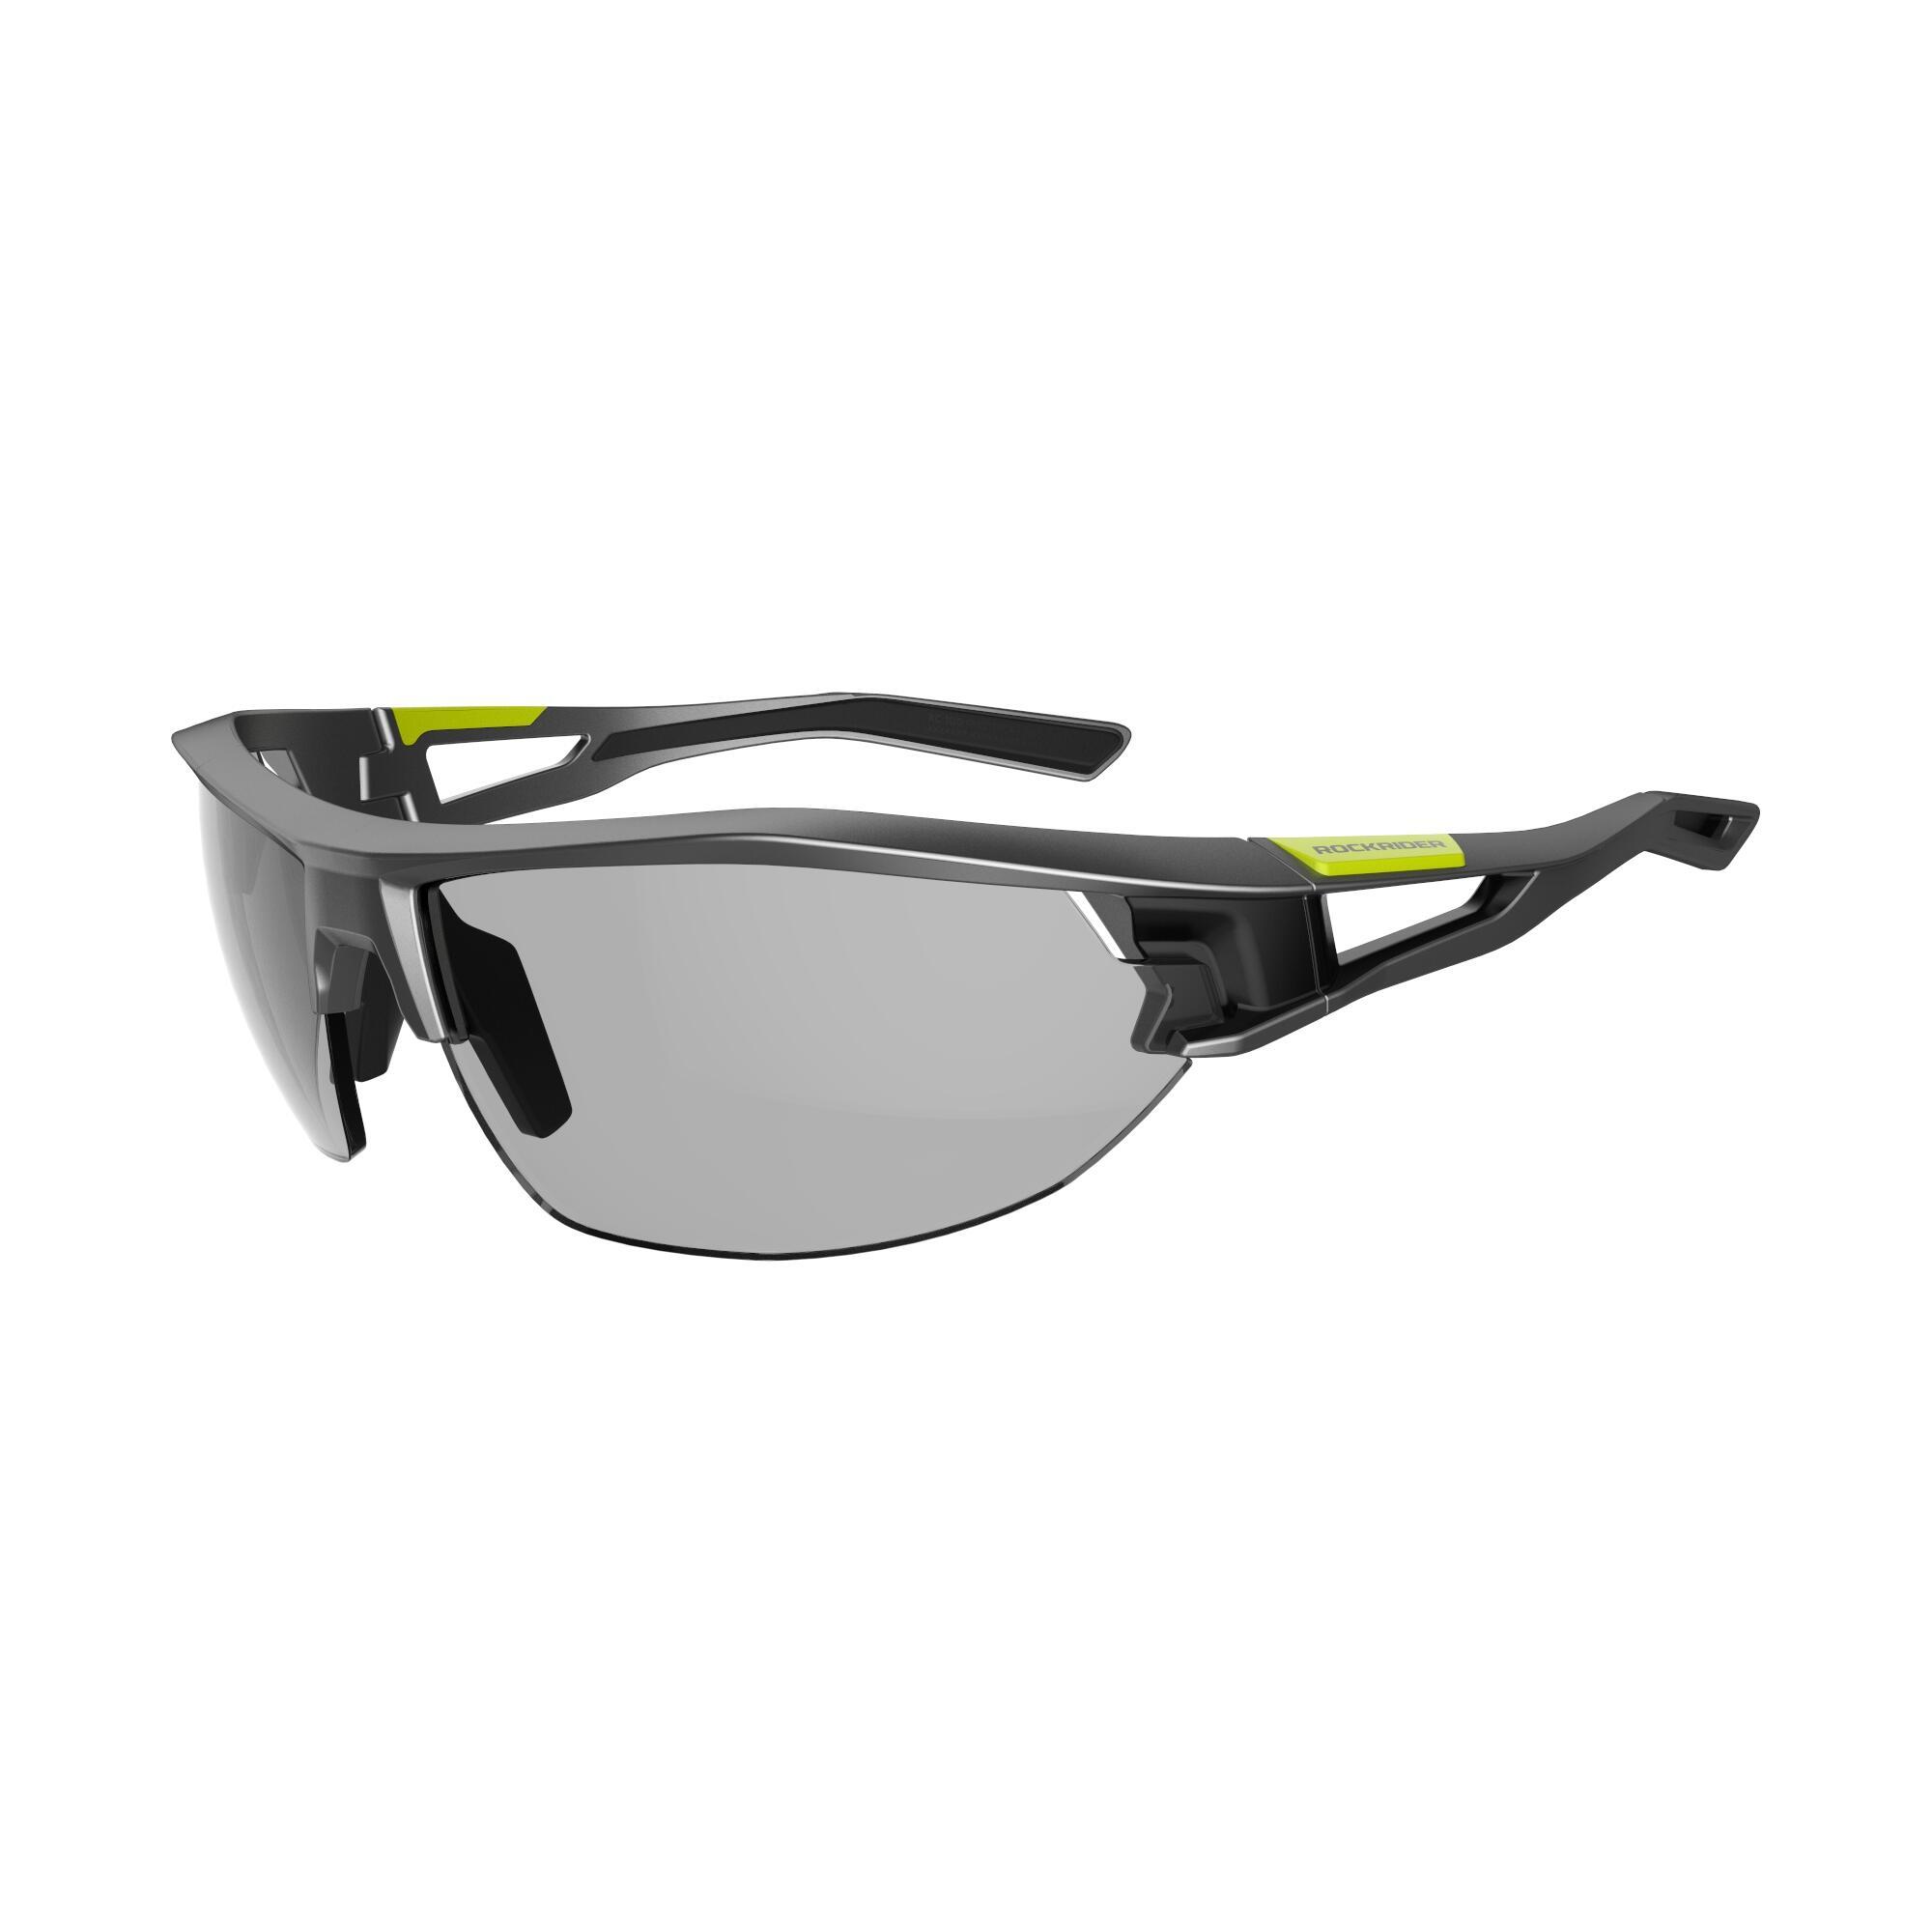 7d1f8ef57 Gafas de Sol Ciclismo MTB XC 120 Fotocromáticas gris negro categoría 1 a 3  Rockrider | Decathlon